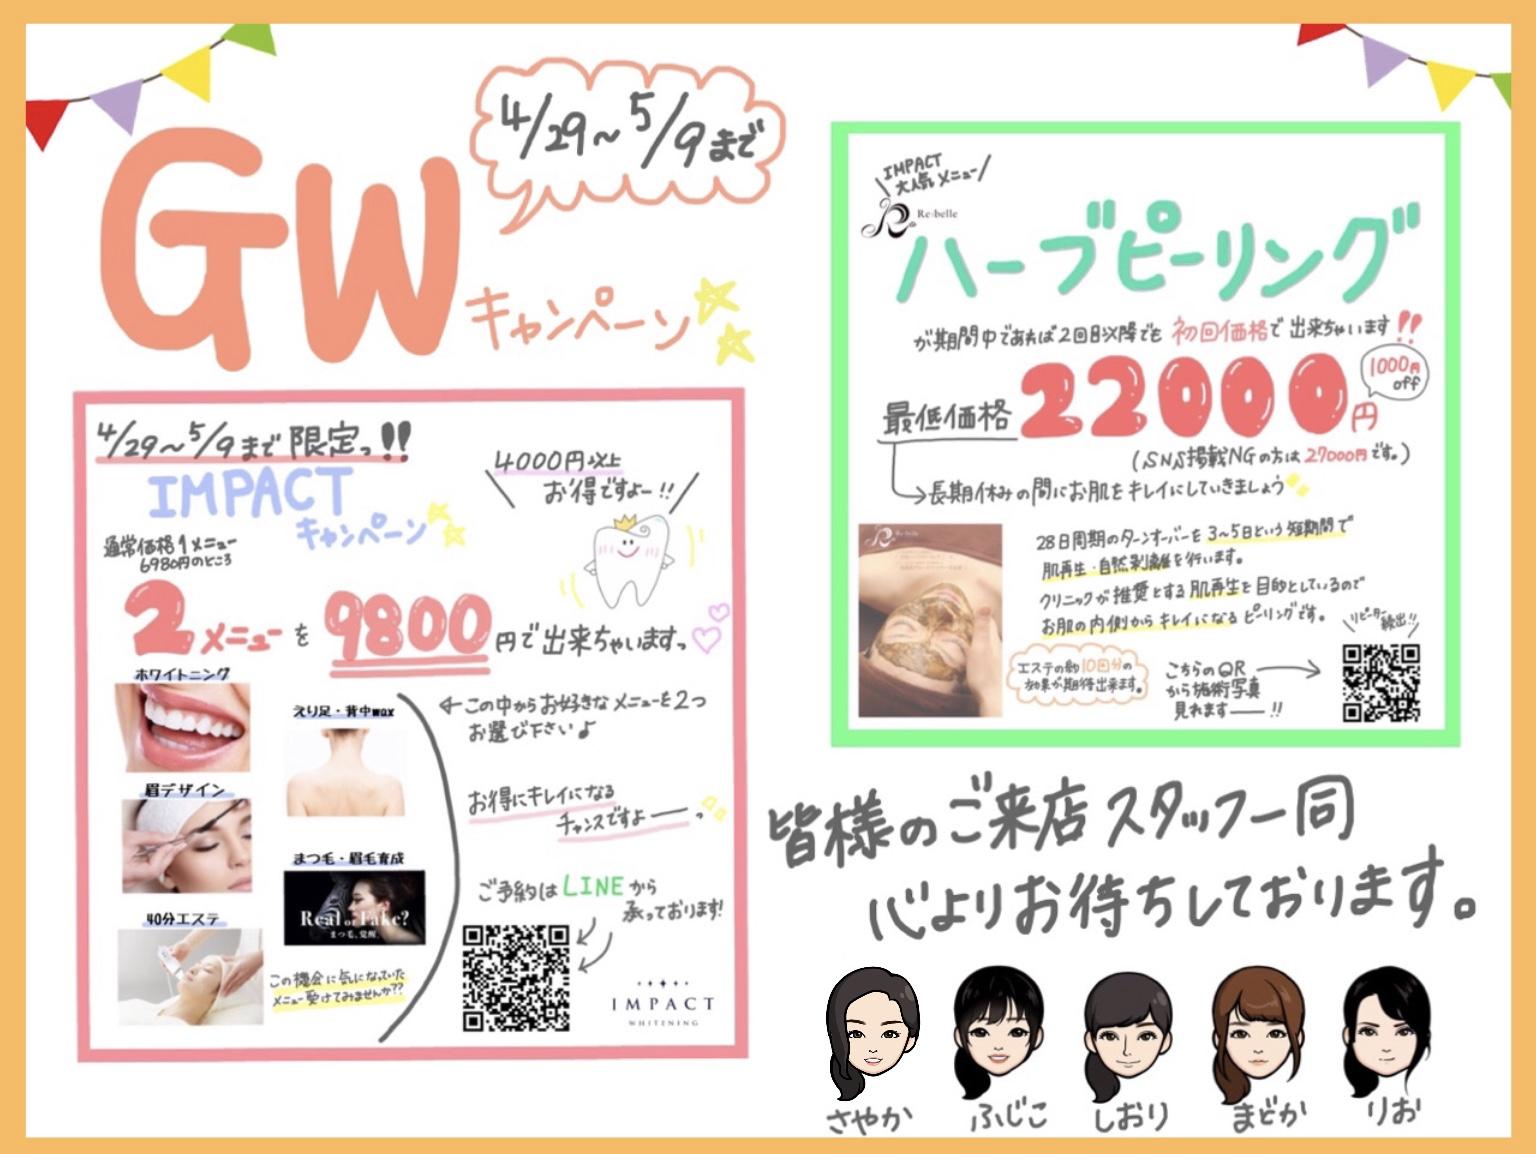 【GW】お得なキャンペーンのご案内♪